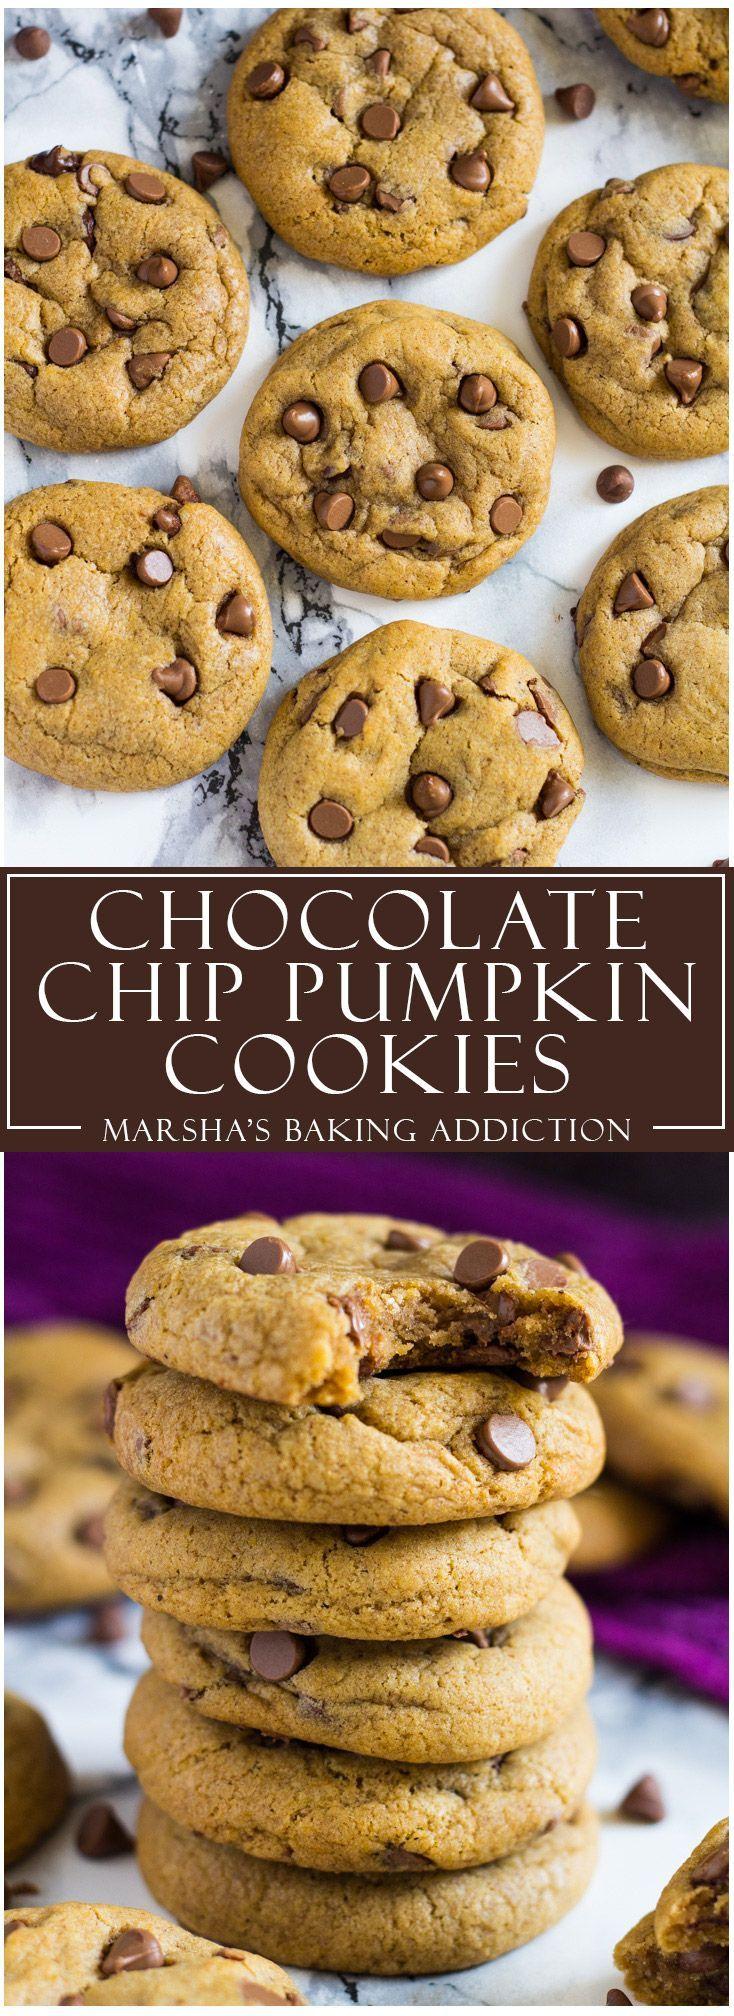 Chocolate Chip Pumpkin Cookies   http://marshasbakingaddiction.com /marshasbakeblog/